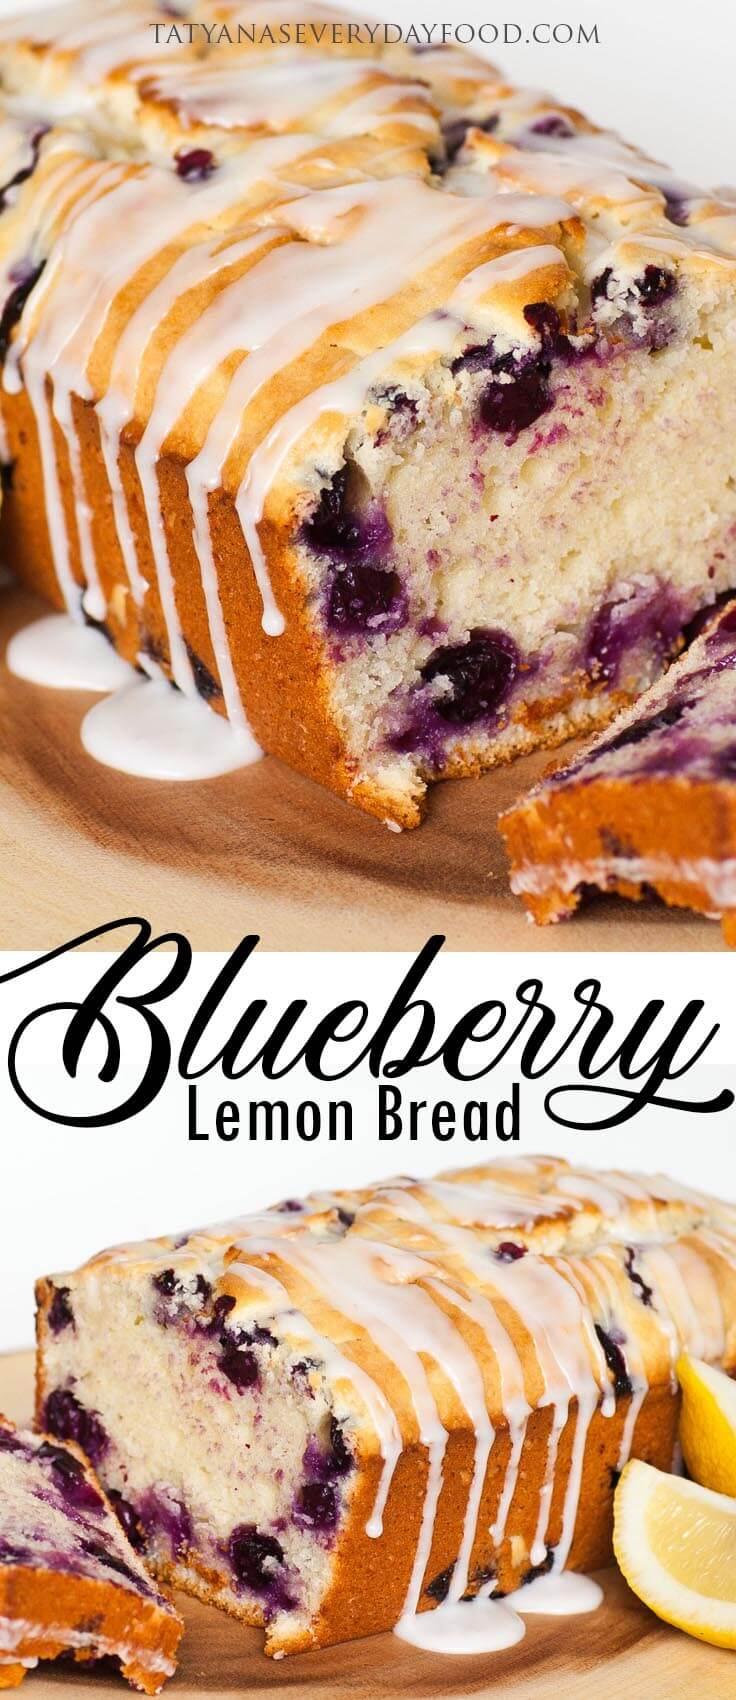 The Best Blueberry Lemon Bread